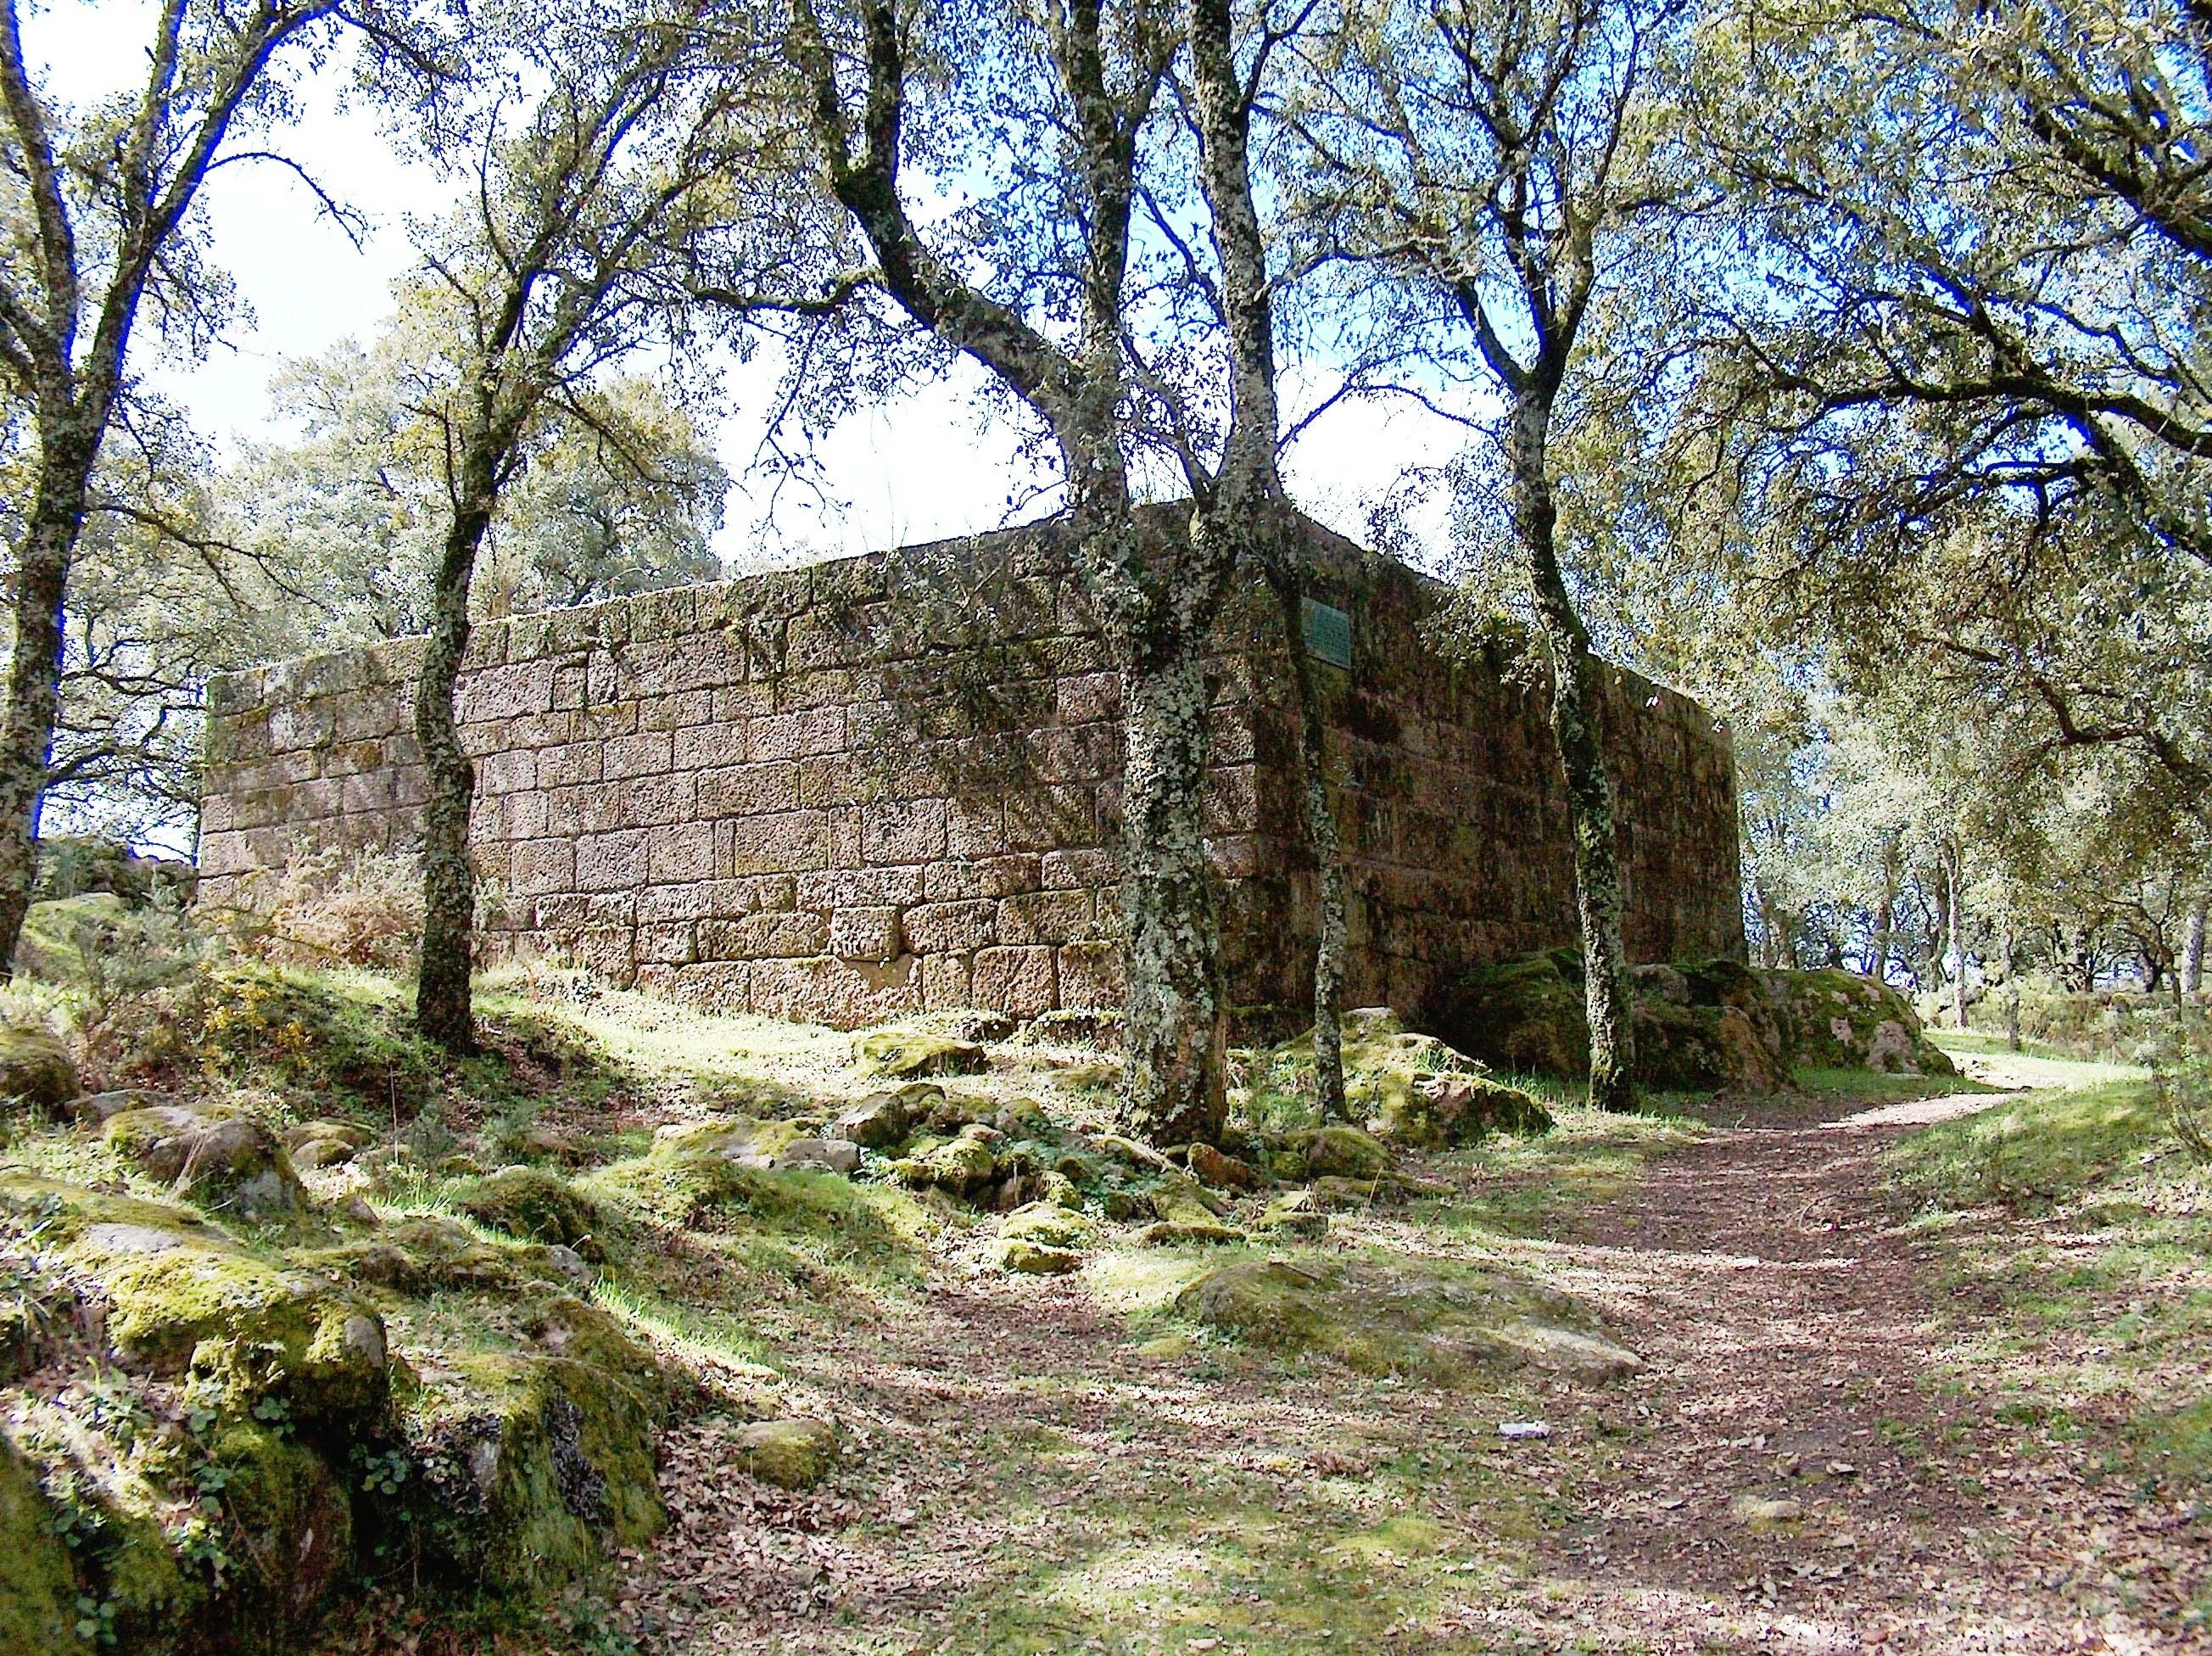 Image:Castelo de Faria1483.JPG